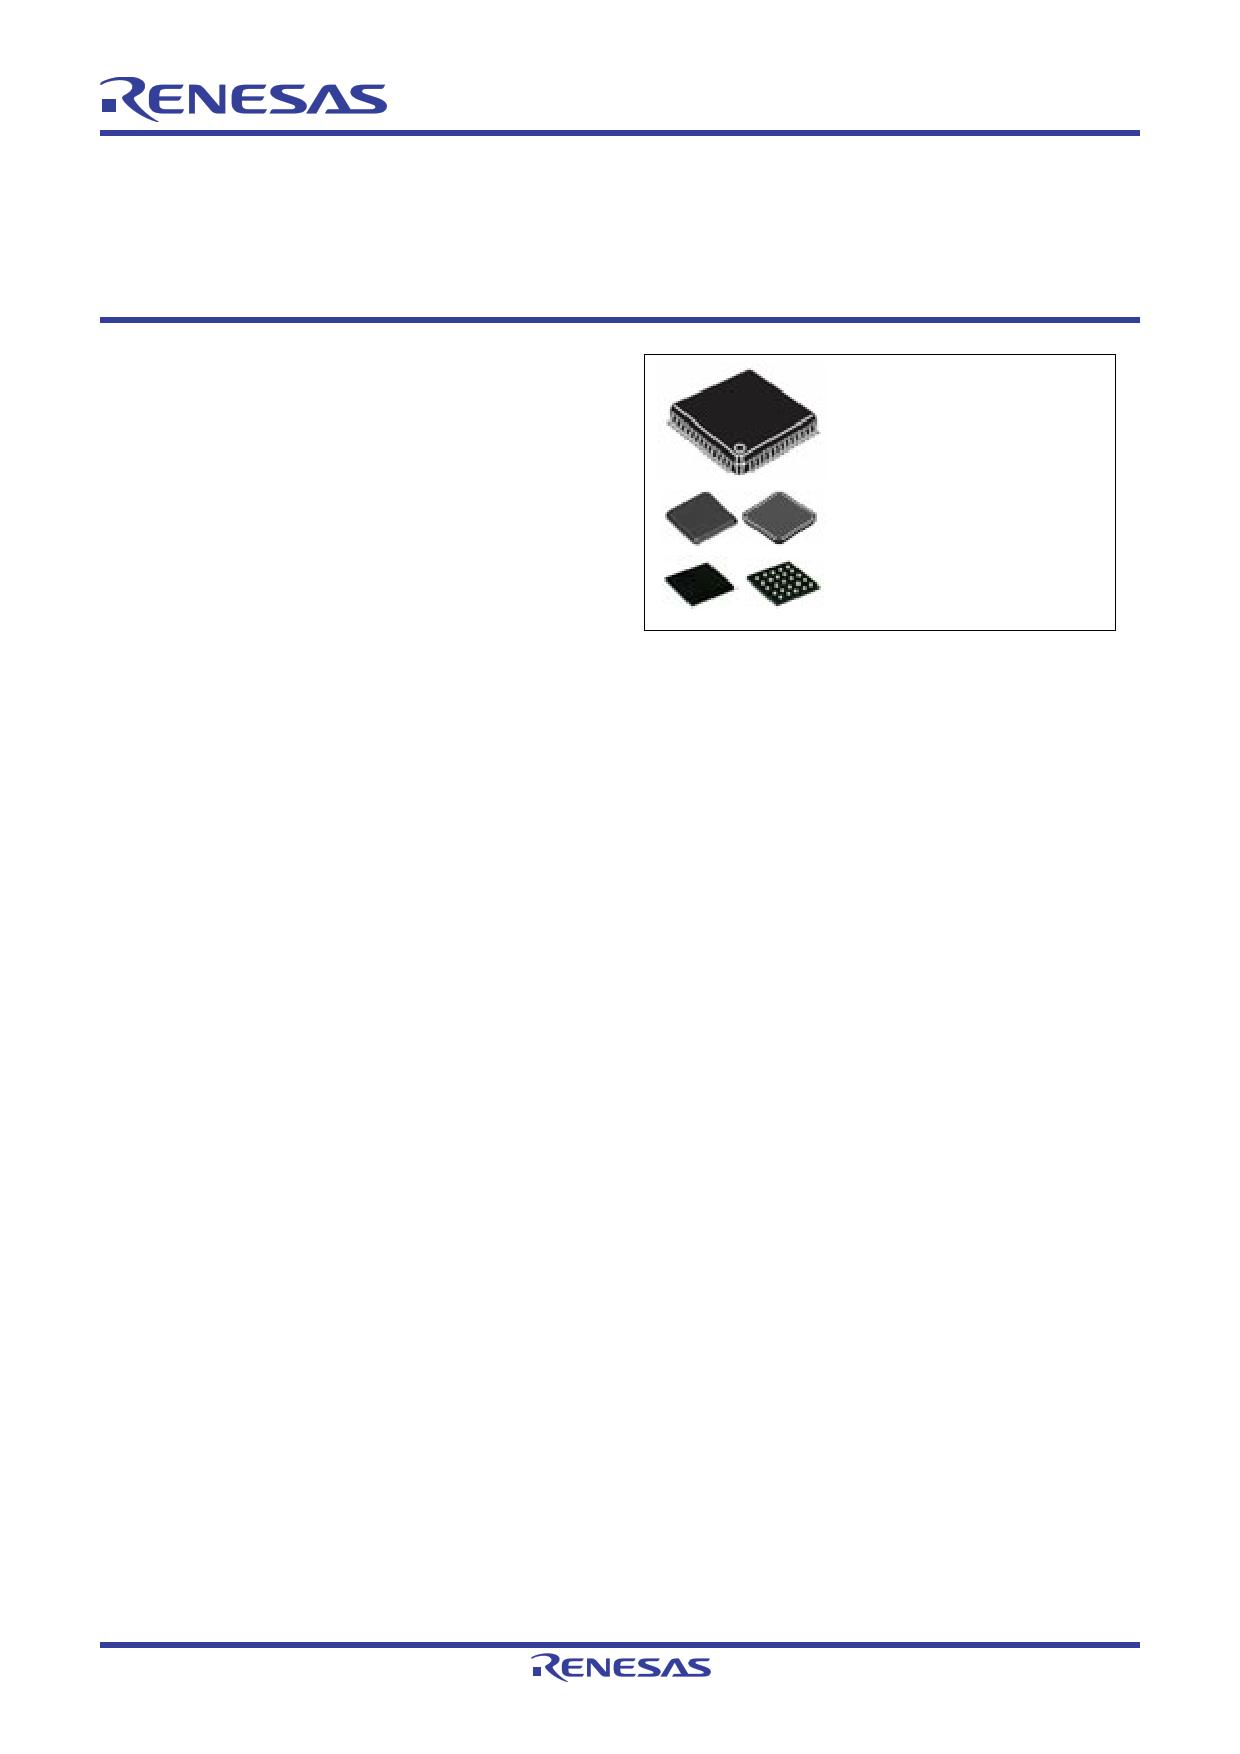 R5F51104AGNE 데이터시트 및 R5F51104AGNE PDF